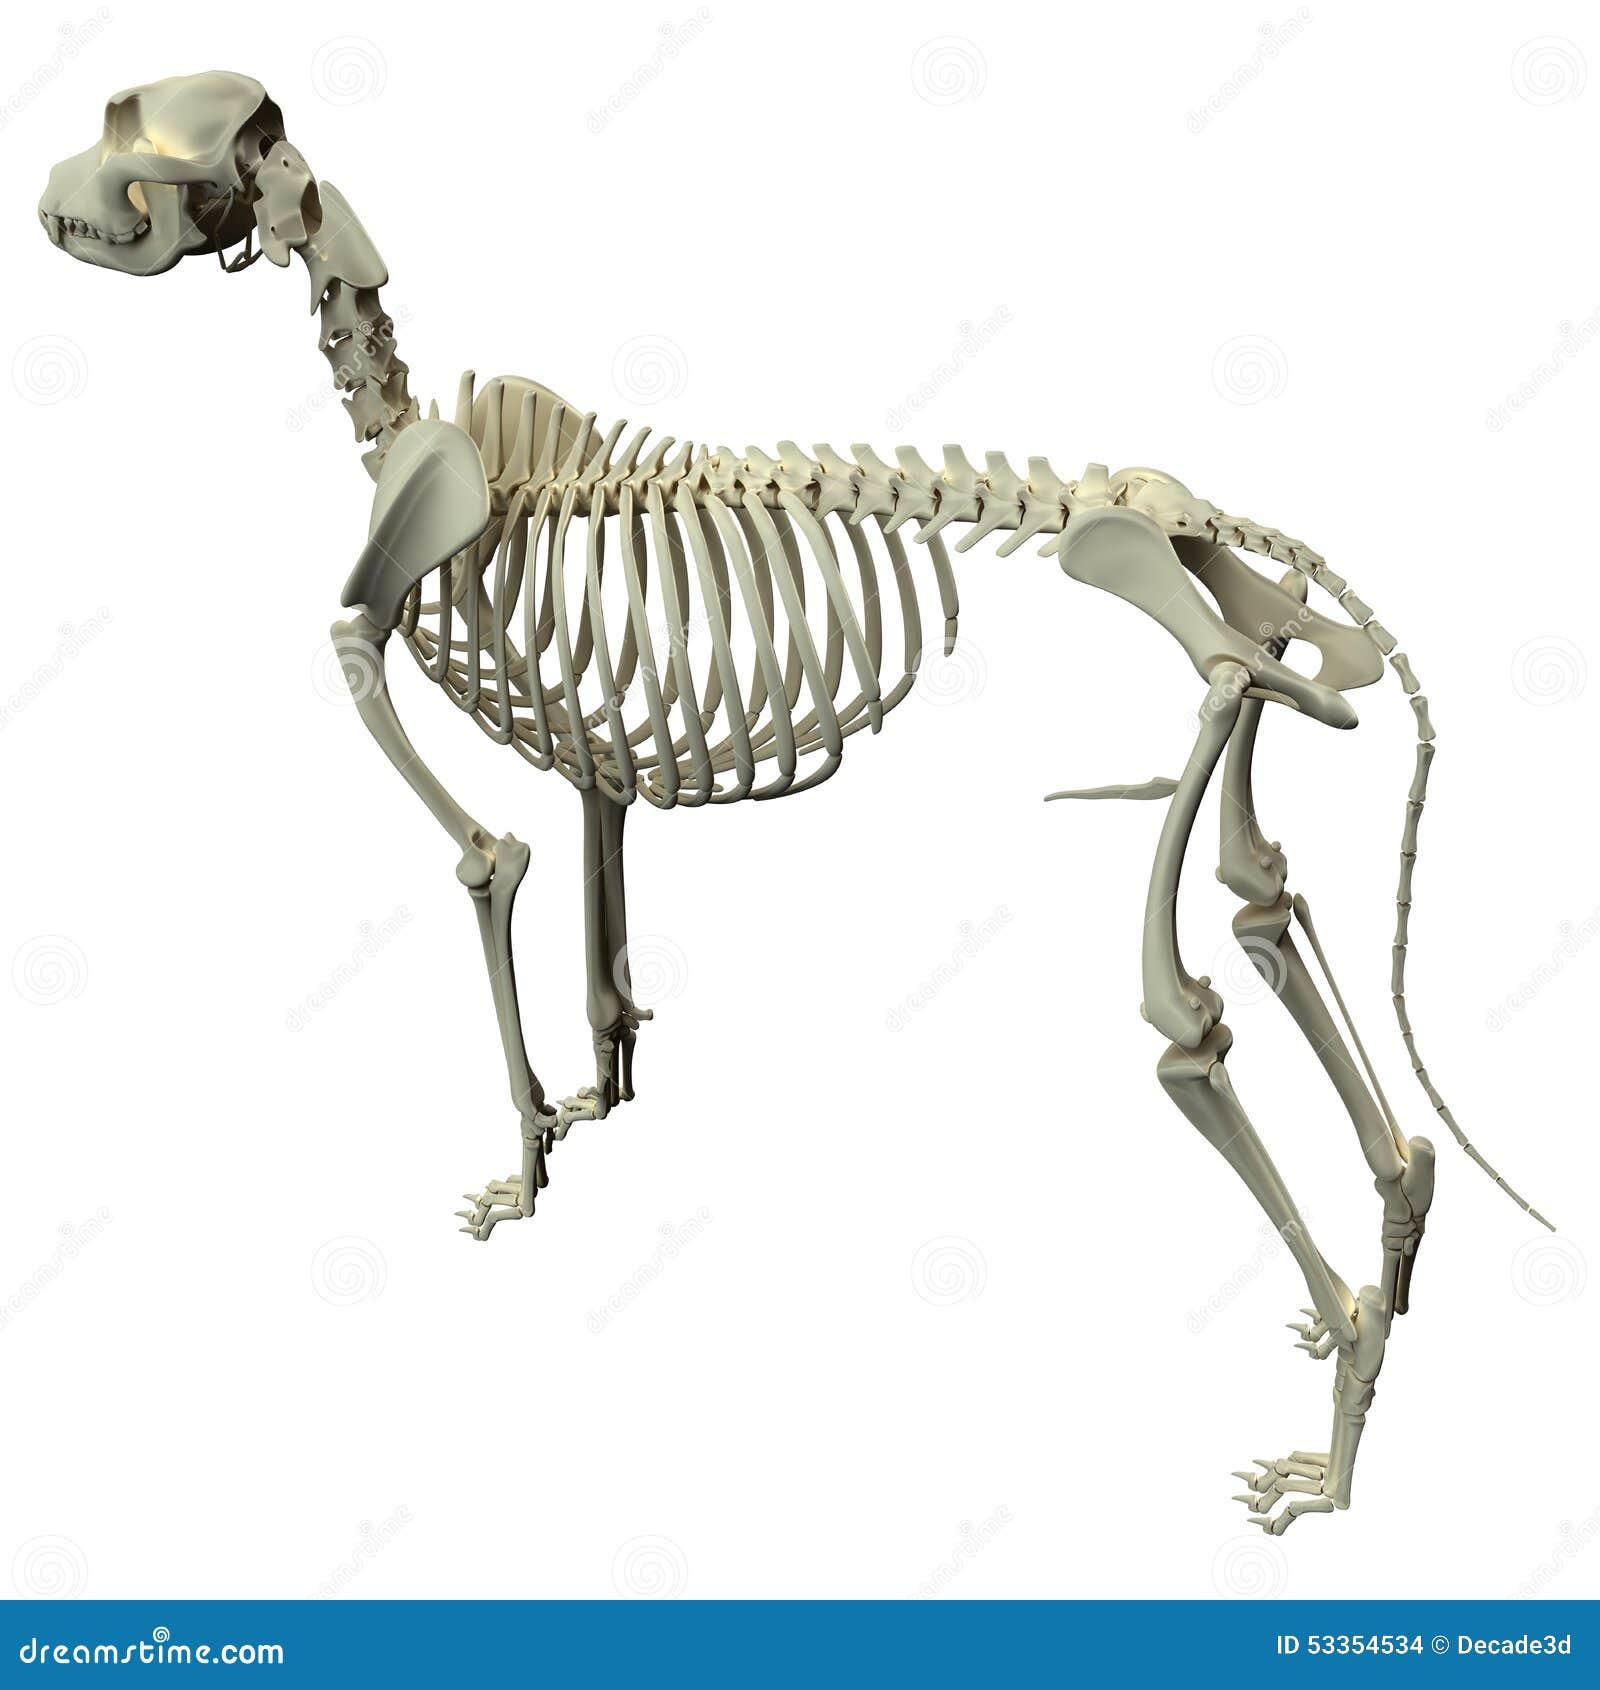 Famoso Bazo Anatomía Perro Componente - Imágenes de Anatomía Humana ...